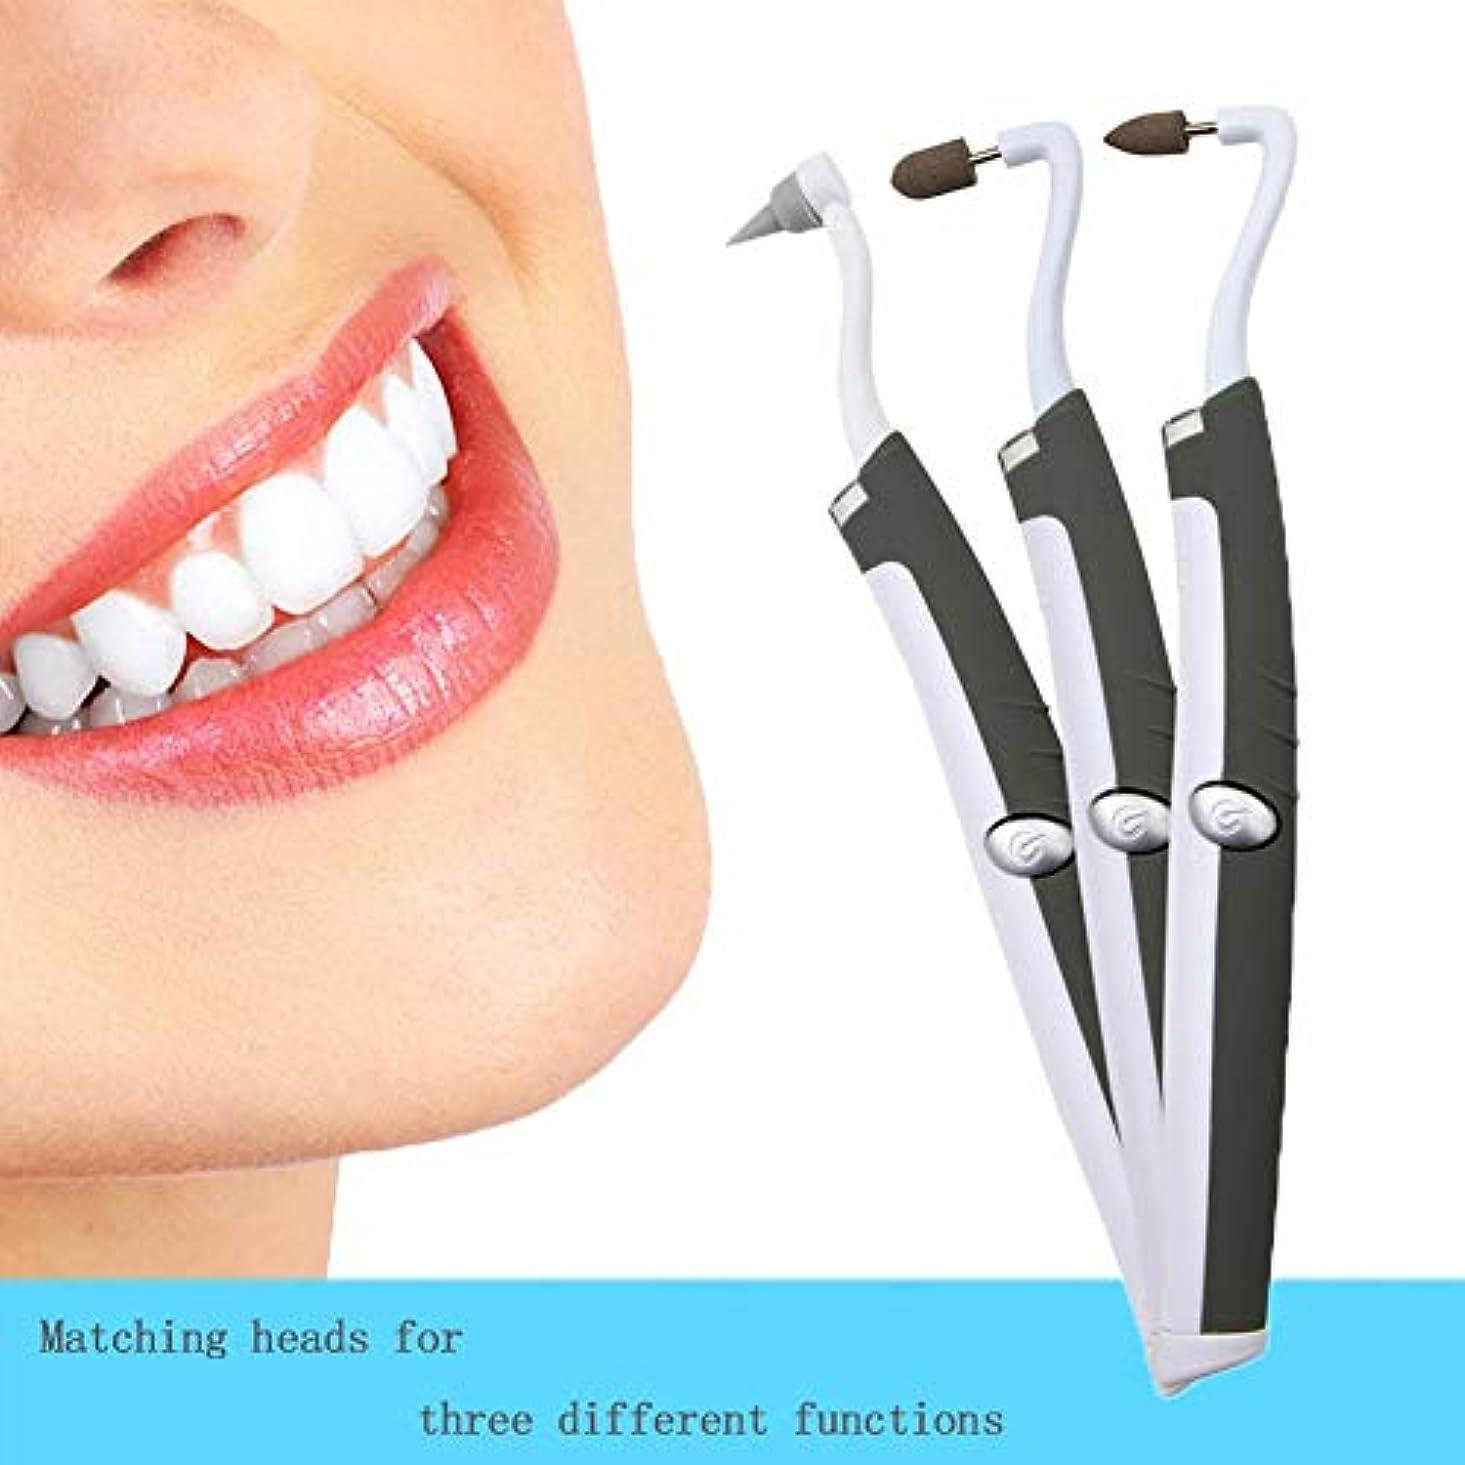 前不愉快に司令官歯石除去剤-変色を取り除き、歯を白くする歯石除去剤歯石が歯を除去しますポーランドのスリップが歯垢の汚れを防ぎます(3頭)